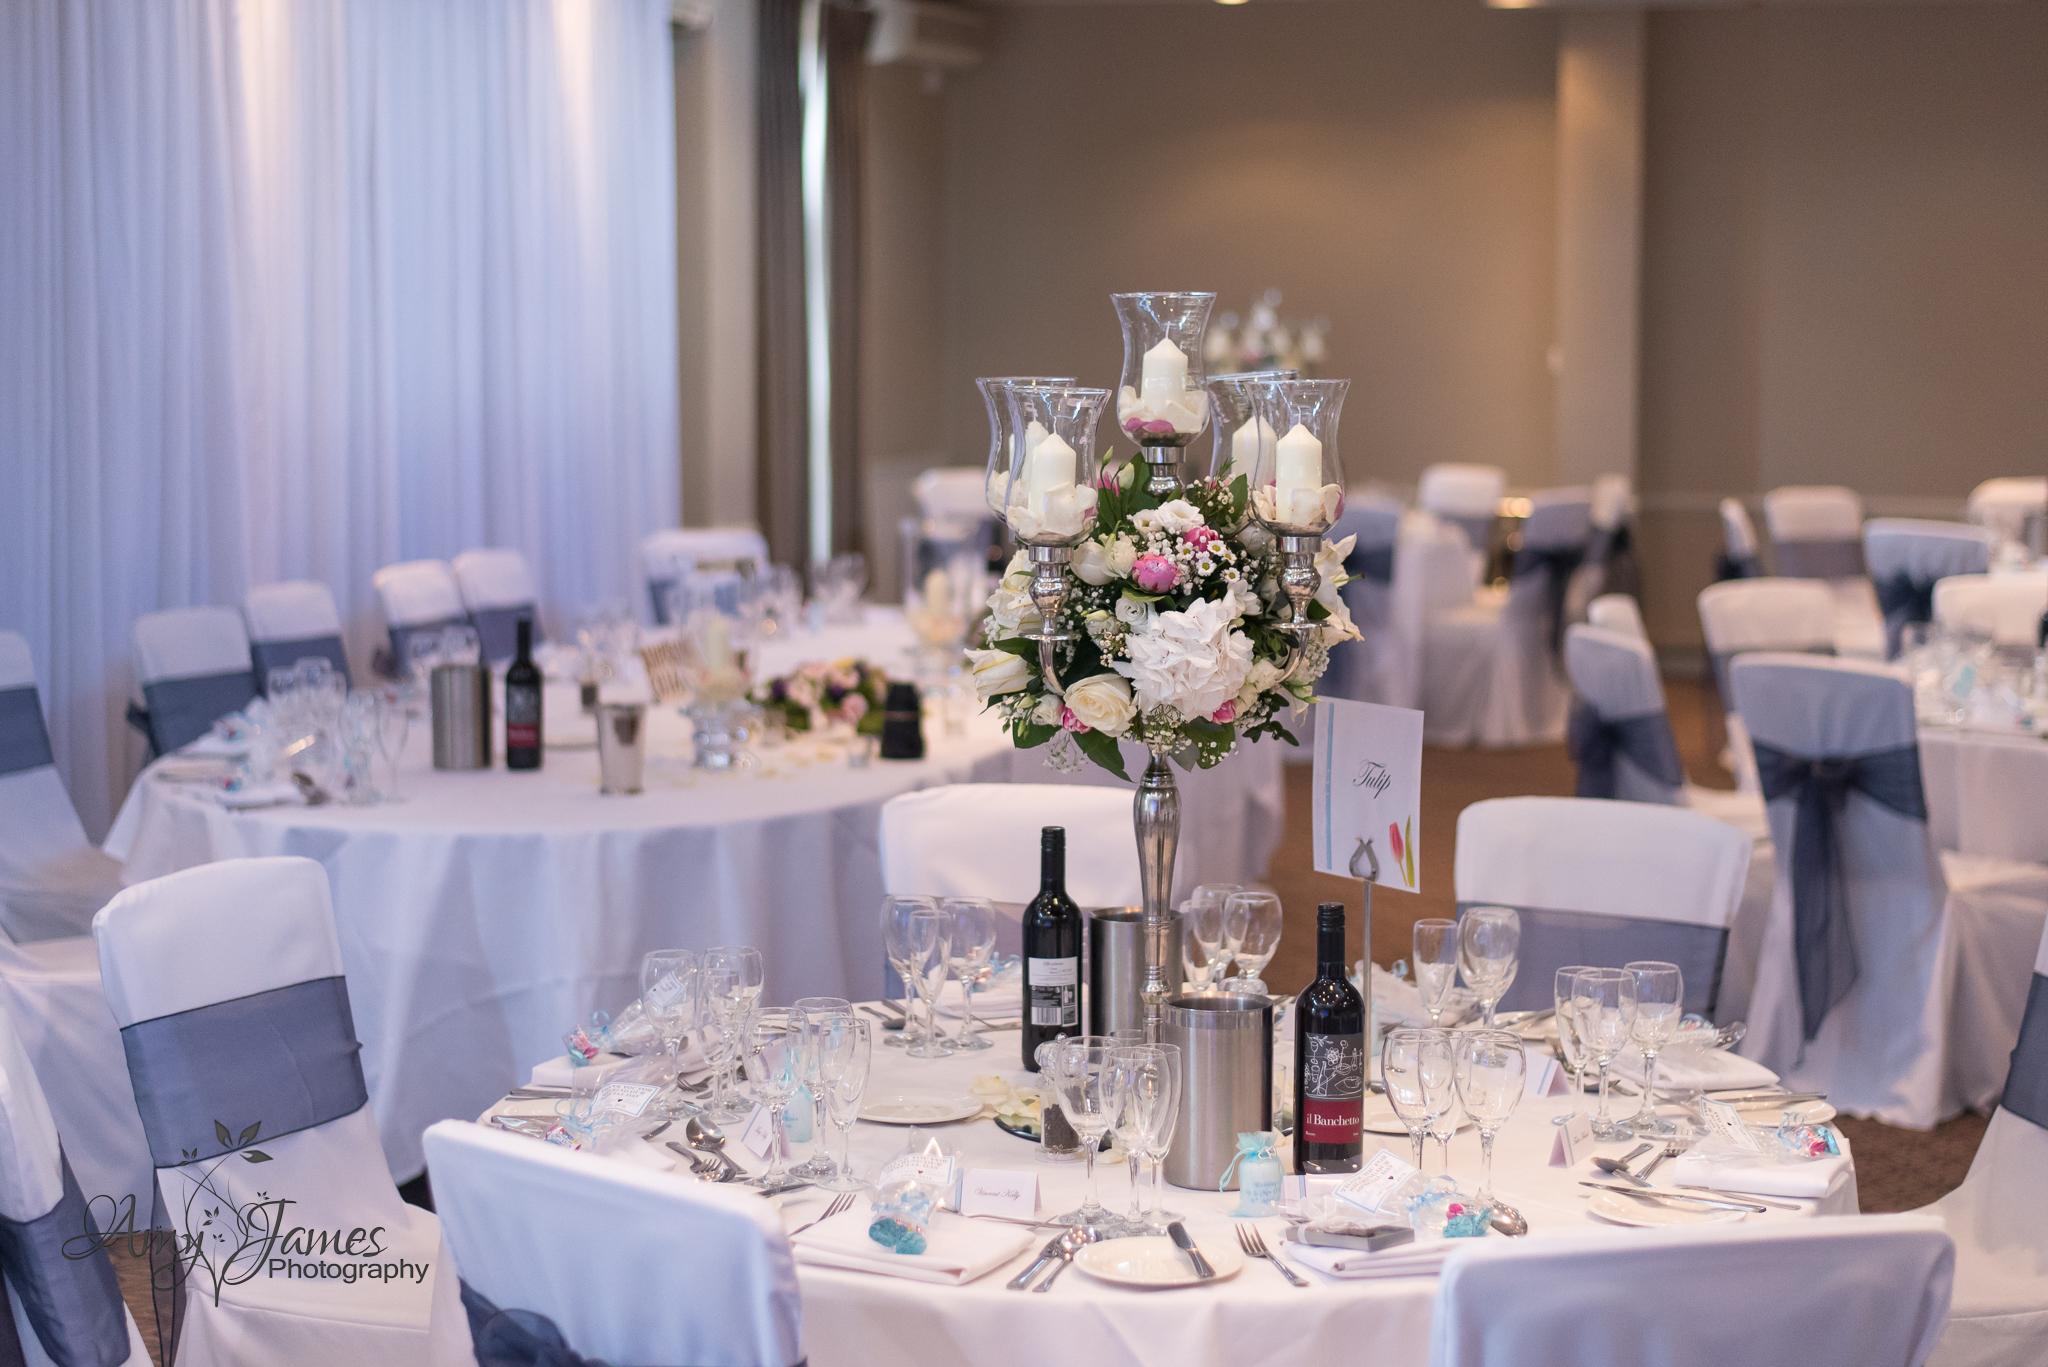 Warbrook House wedding photographer // Fleet wedding photographer // Hampshire wedding photographer